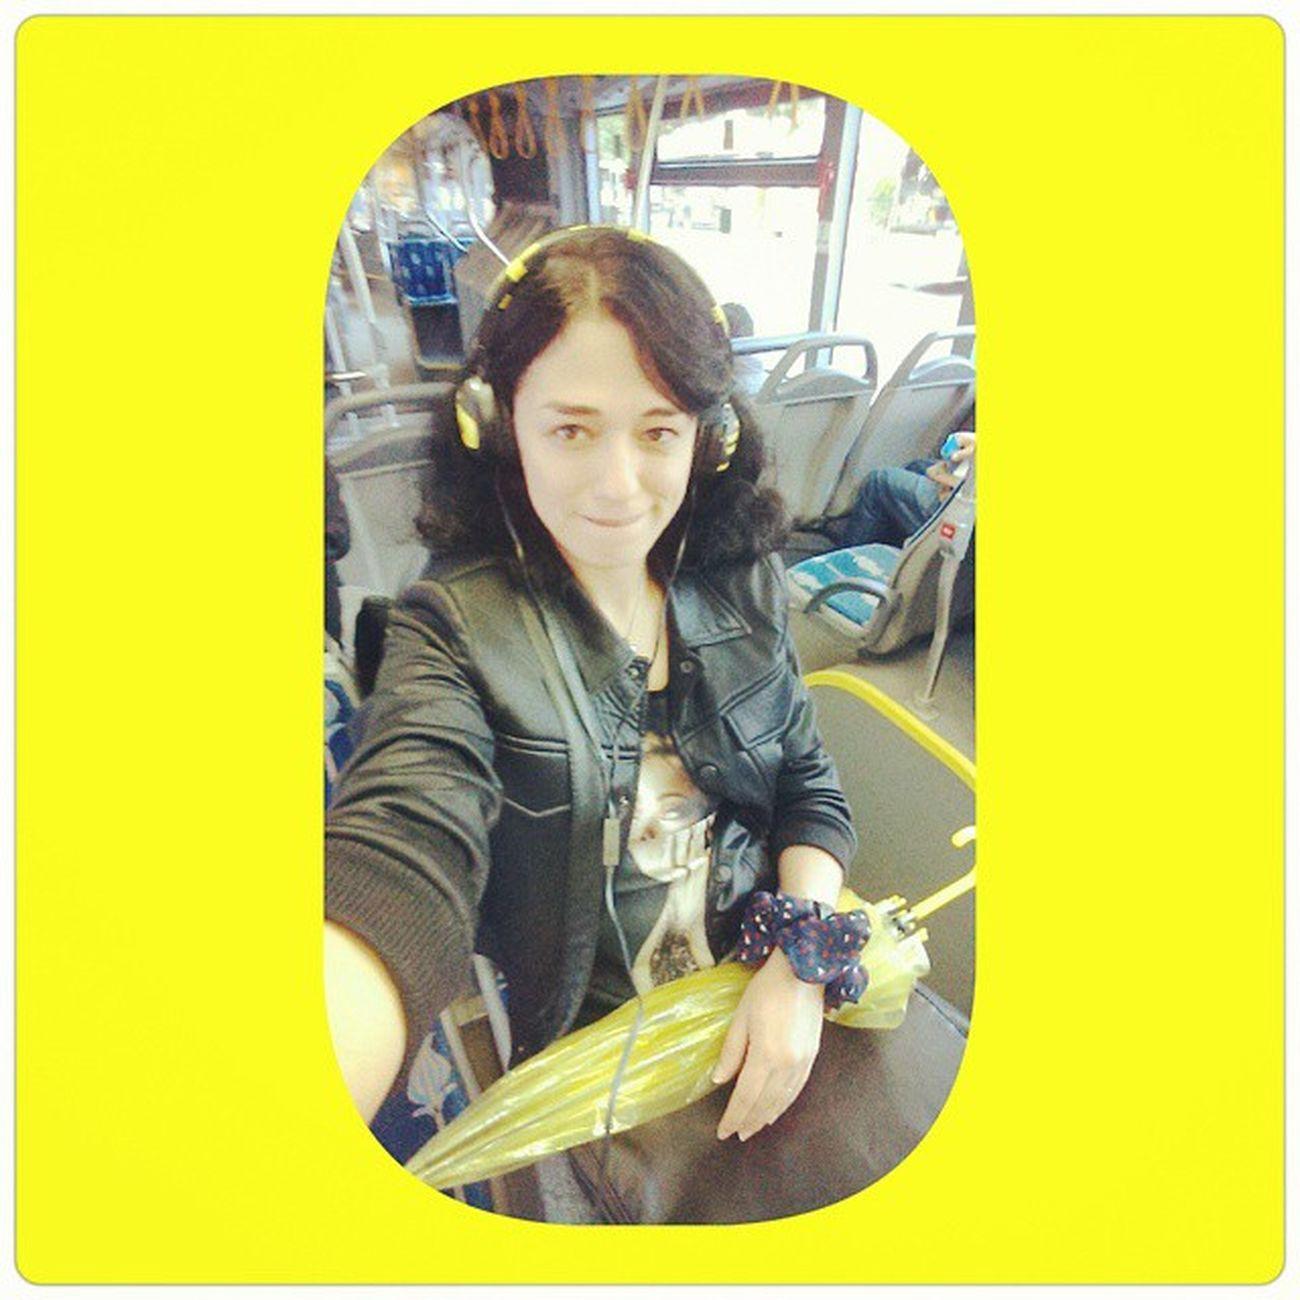 Günaydın Ctesi çalışıyorum . ?? Iett 98H yeni_otobüs gıcır_gıcır me selfie ohmiss özçekim lifeisgrey instagram instamobil istanbul life